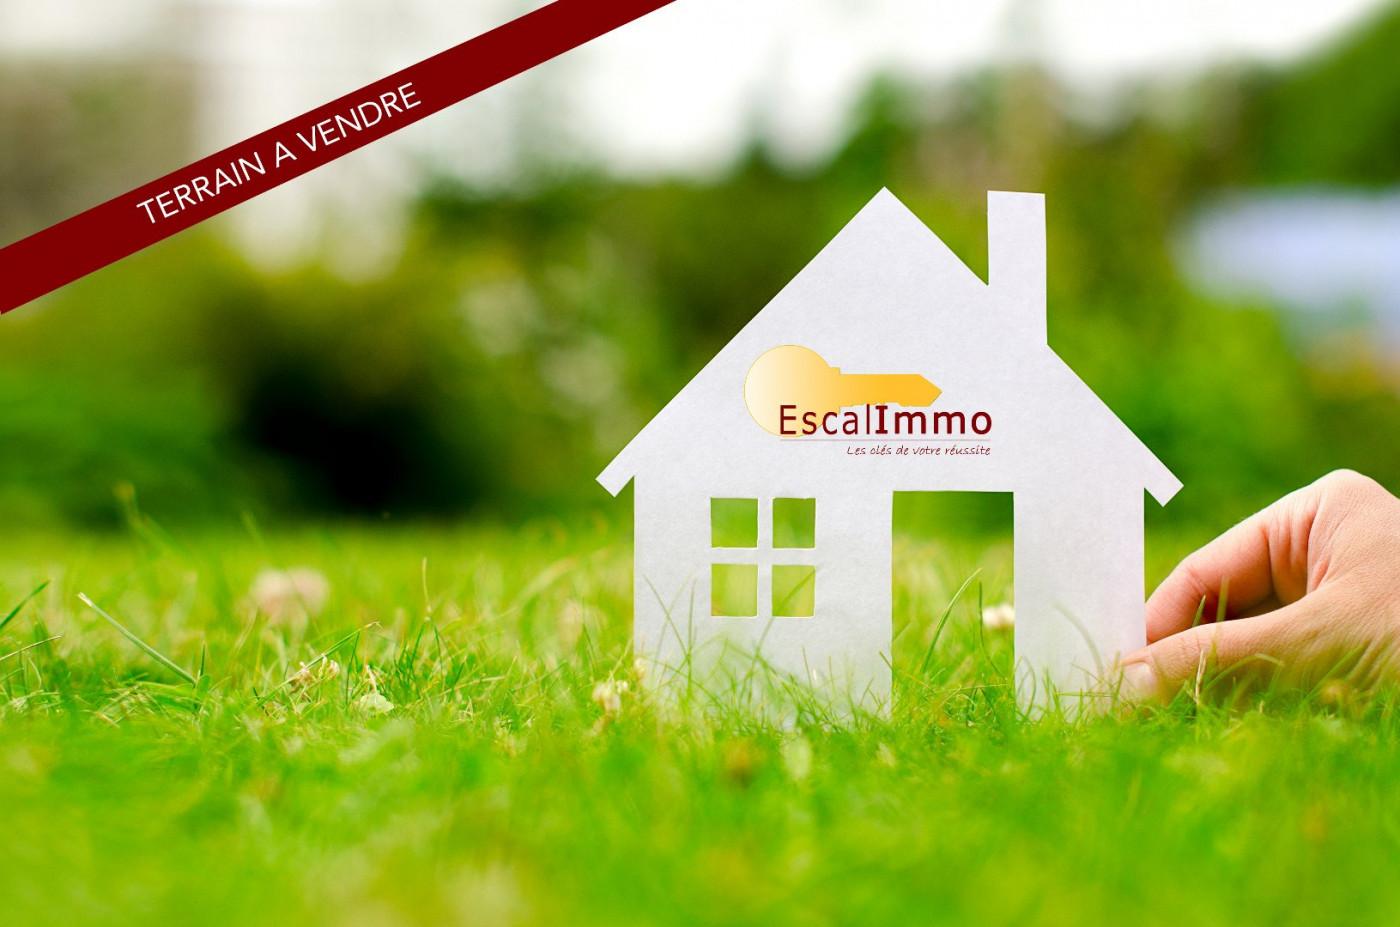 A vendre  Castelsarrasin | Réf 820025173 - Escal'immo charme & caractère